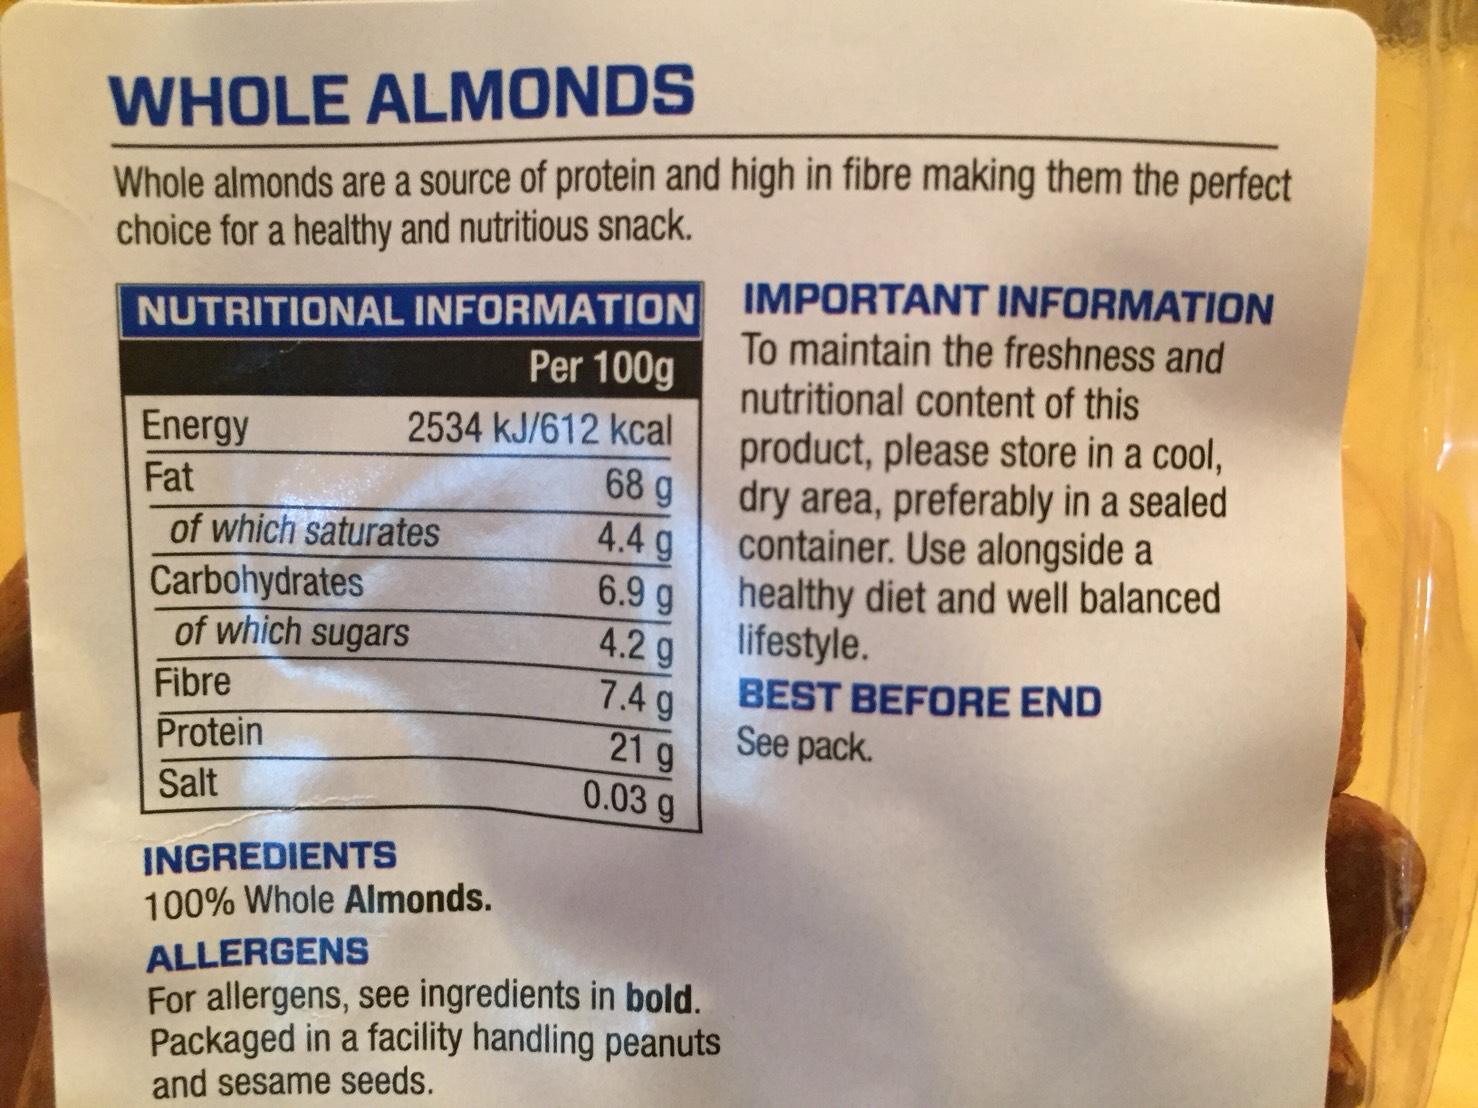 マイプロテインのアーモンドの成分表